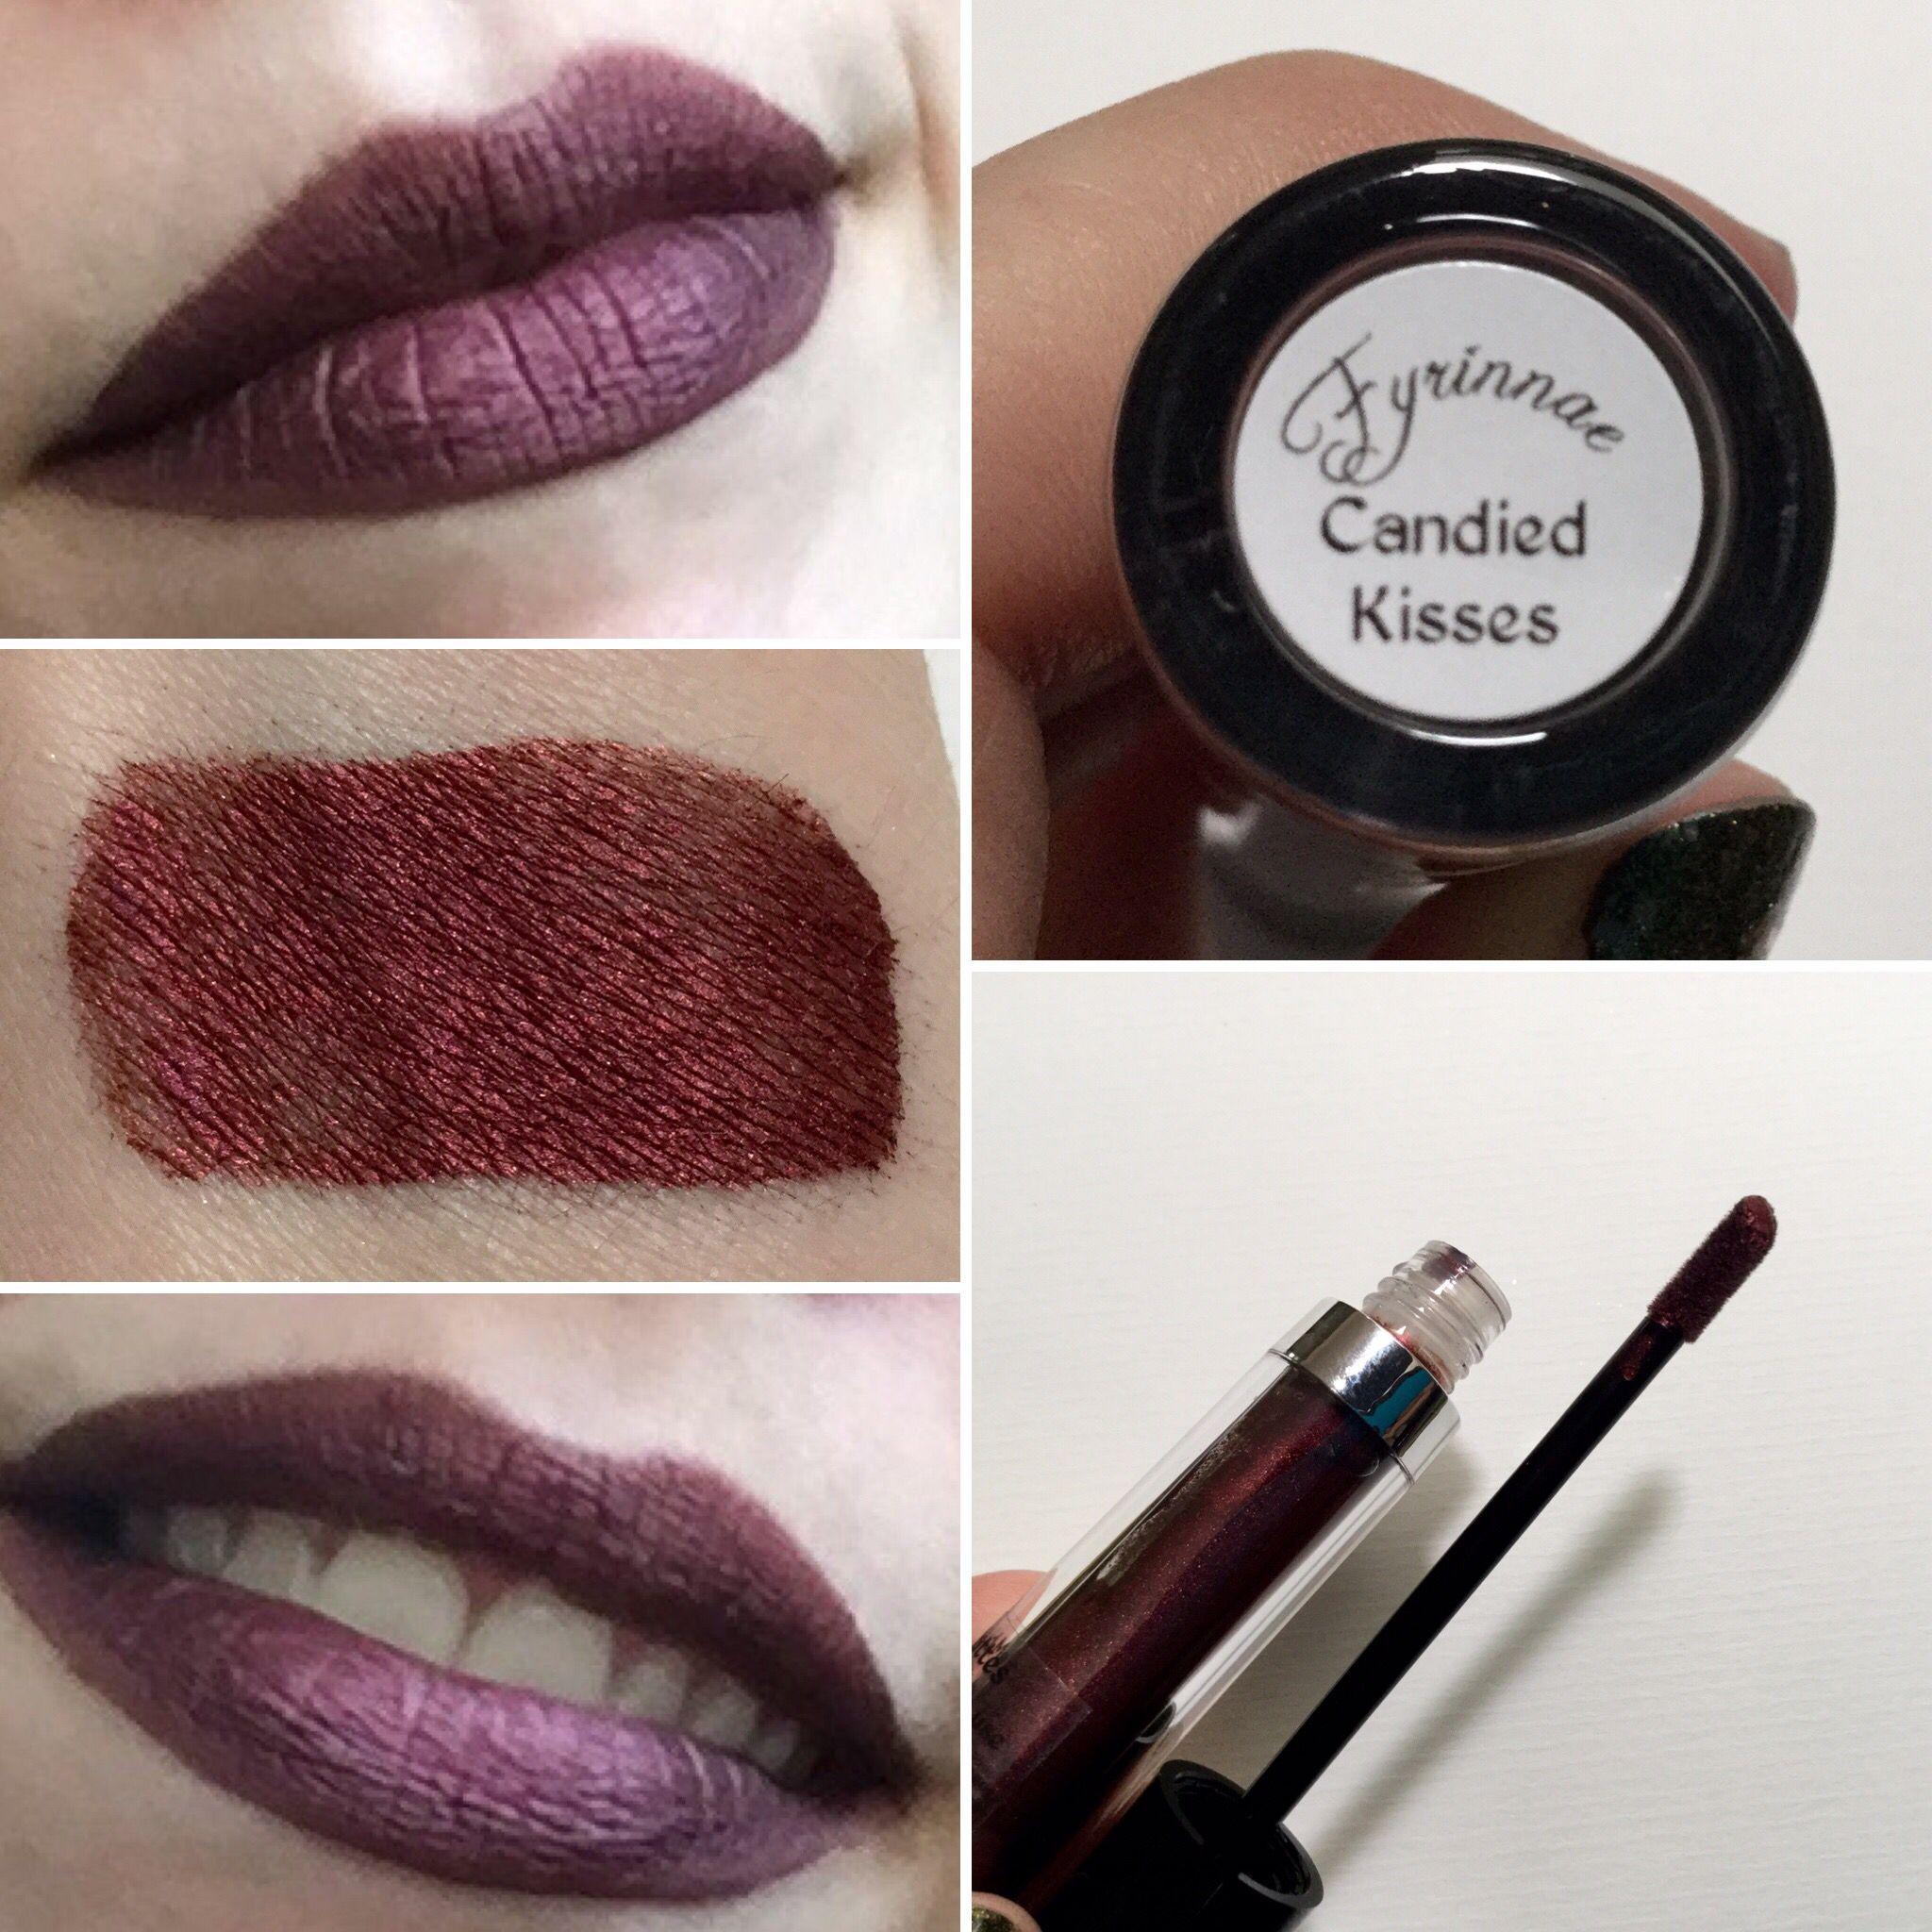 Fyrinnae liquid to matte metallic dark red lipstick - Candied ...